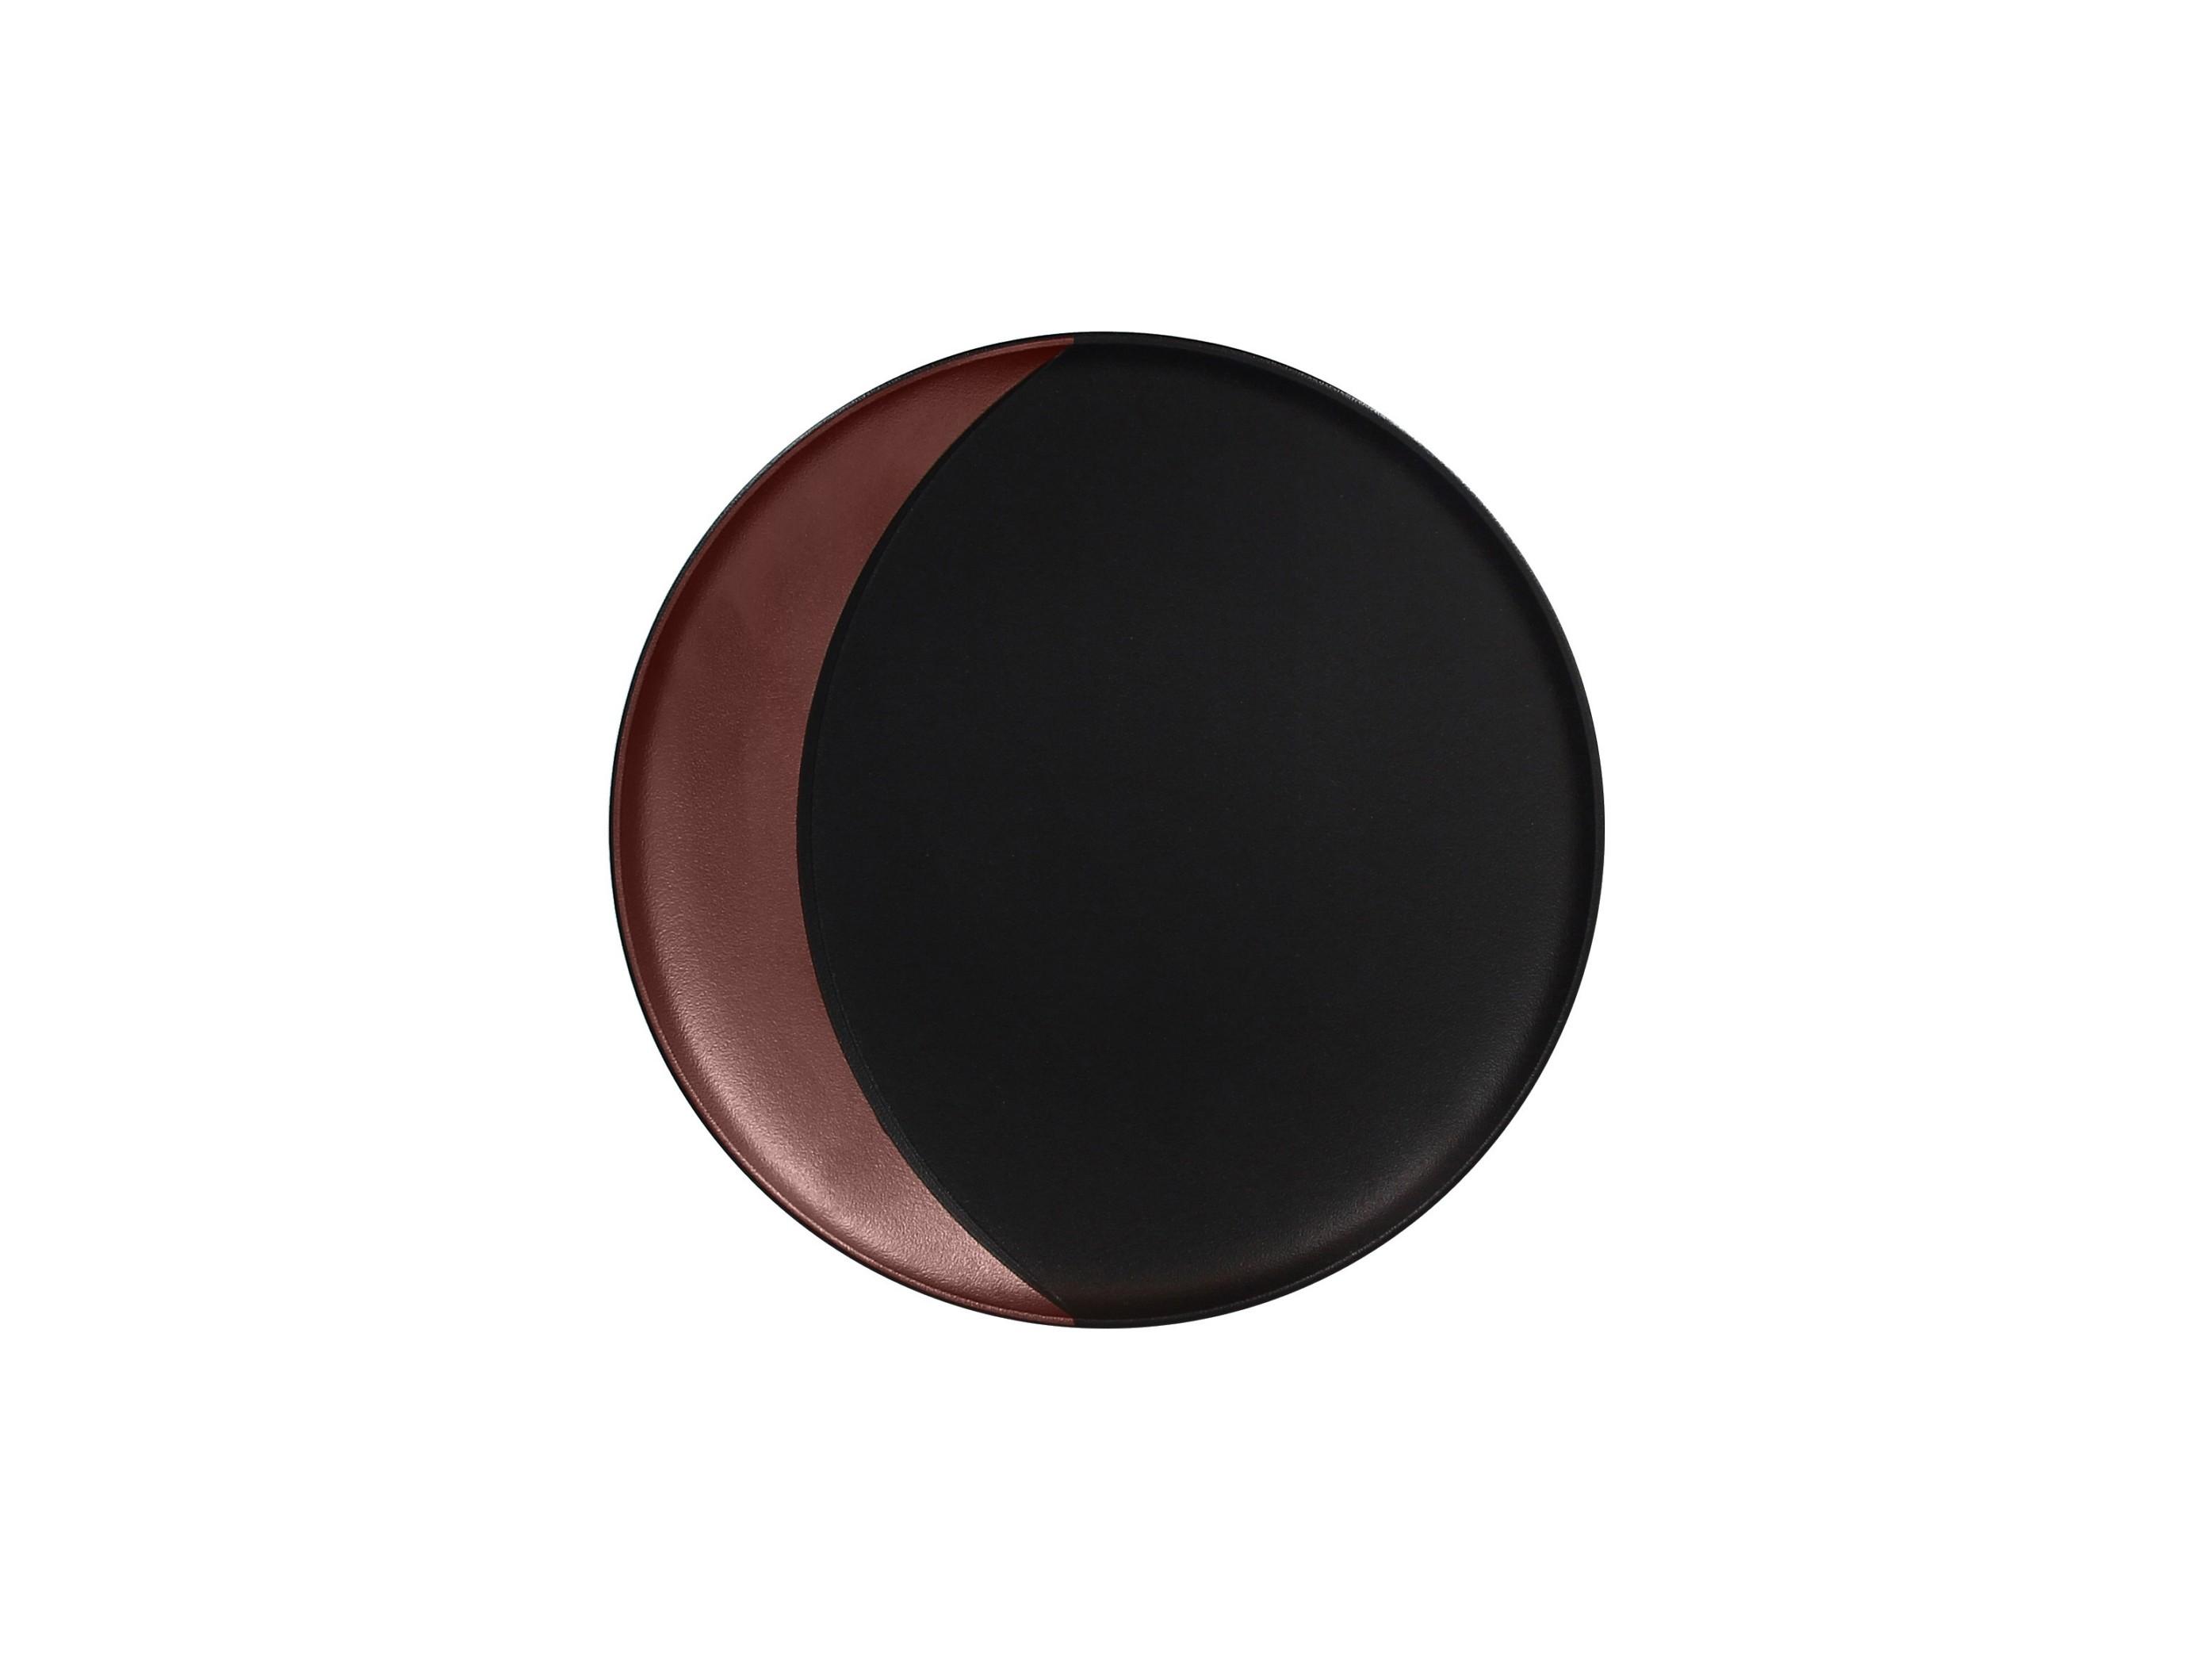 RAK | Metalfusion talíř hluboký pr. 24 cm, černo-bronzový